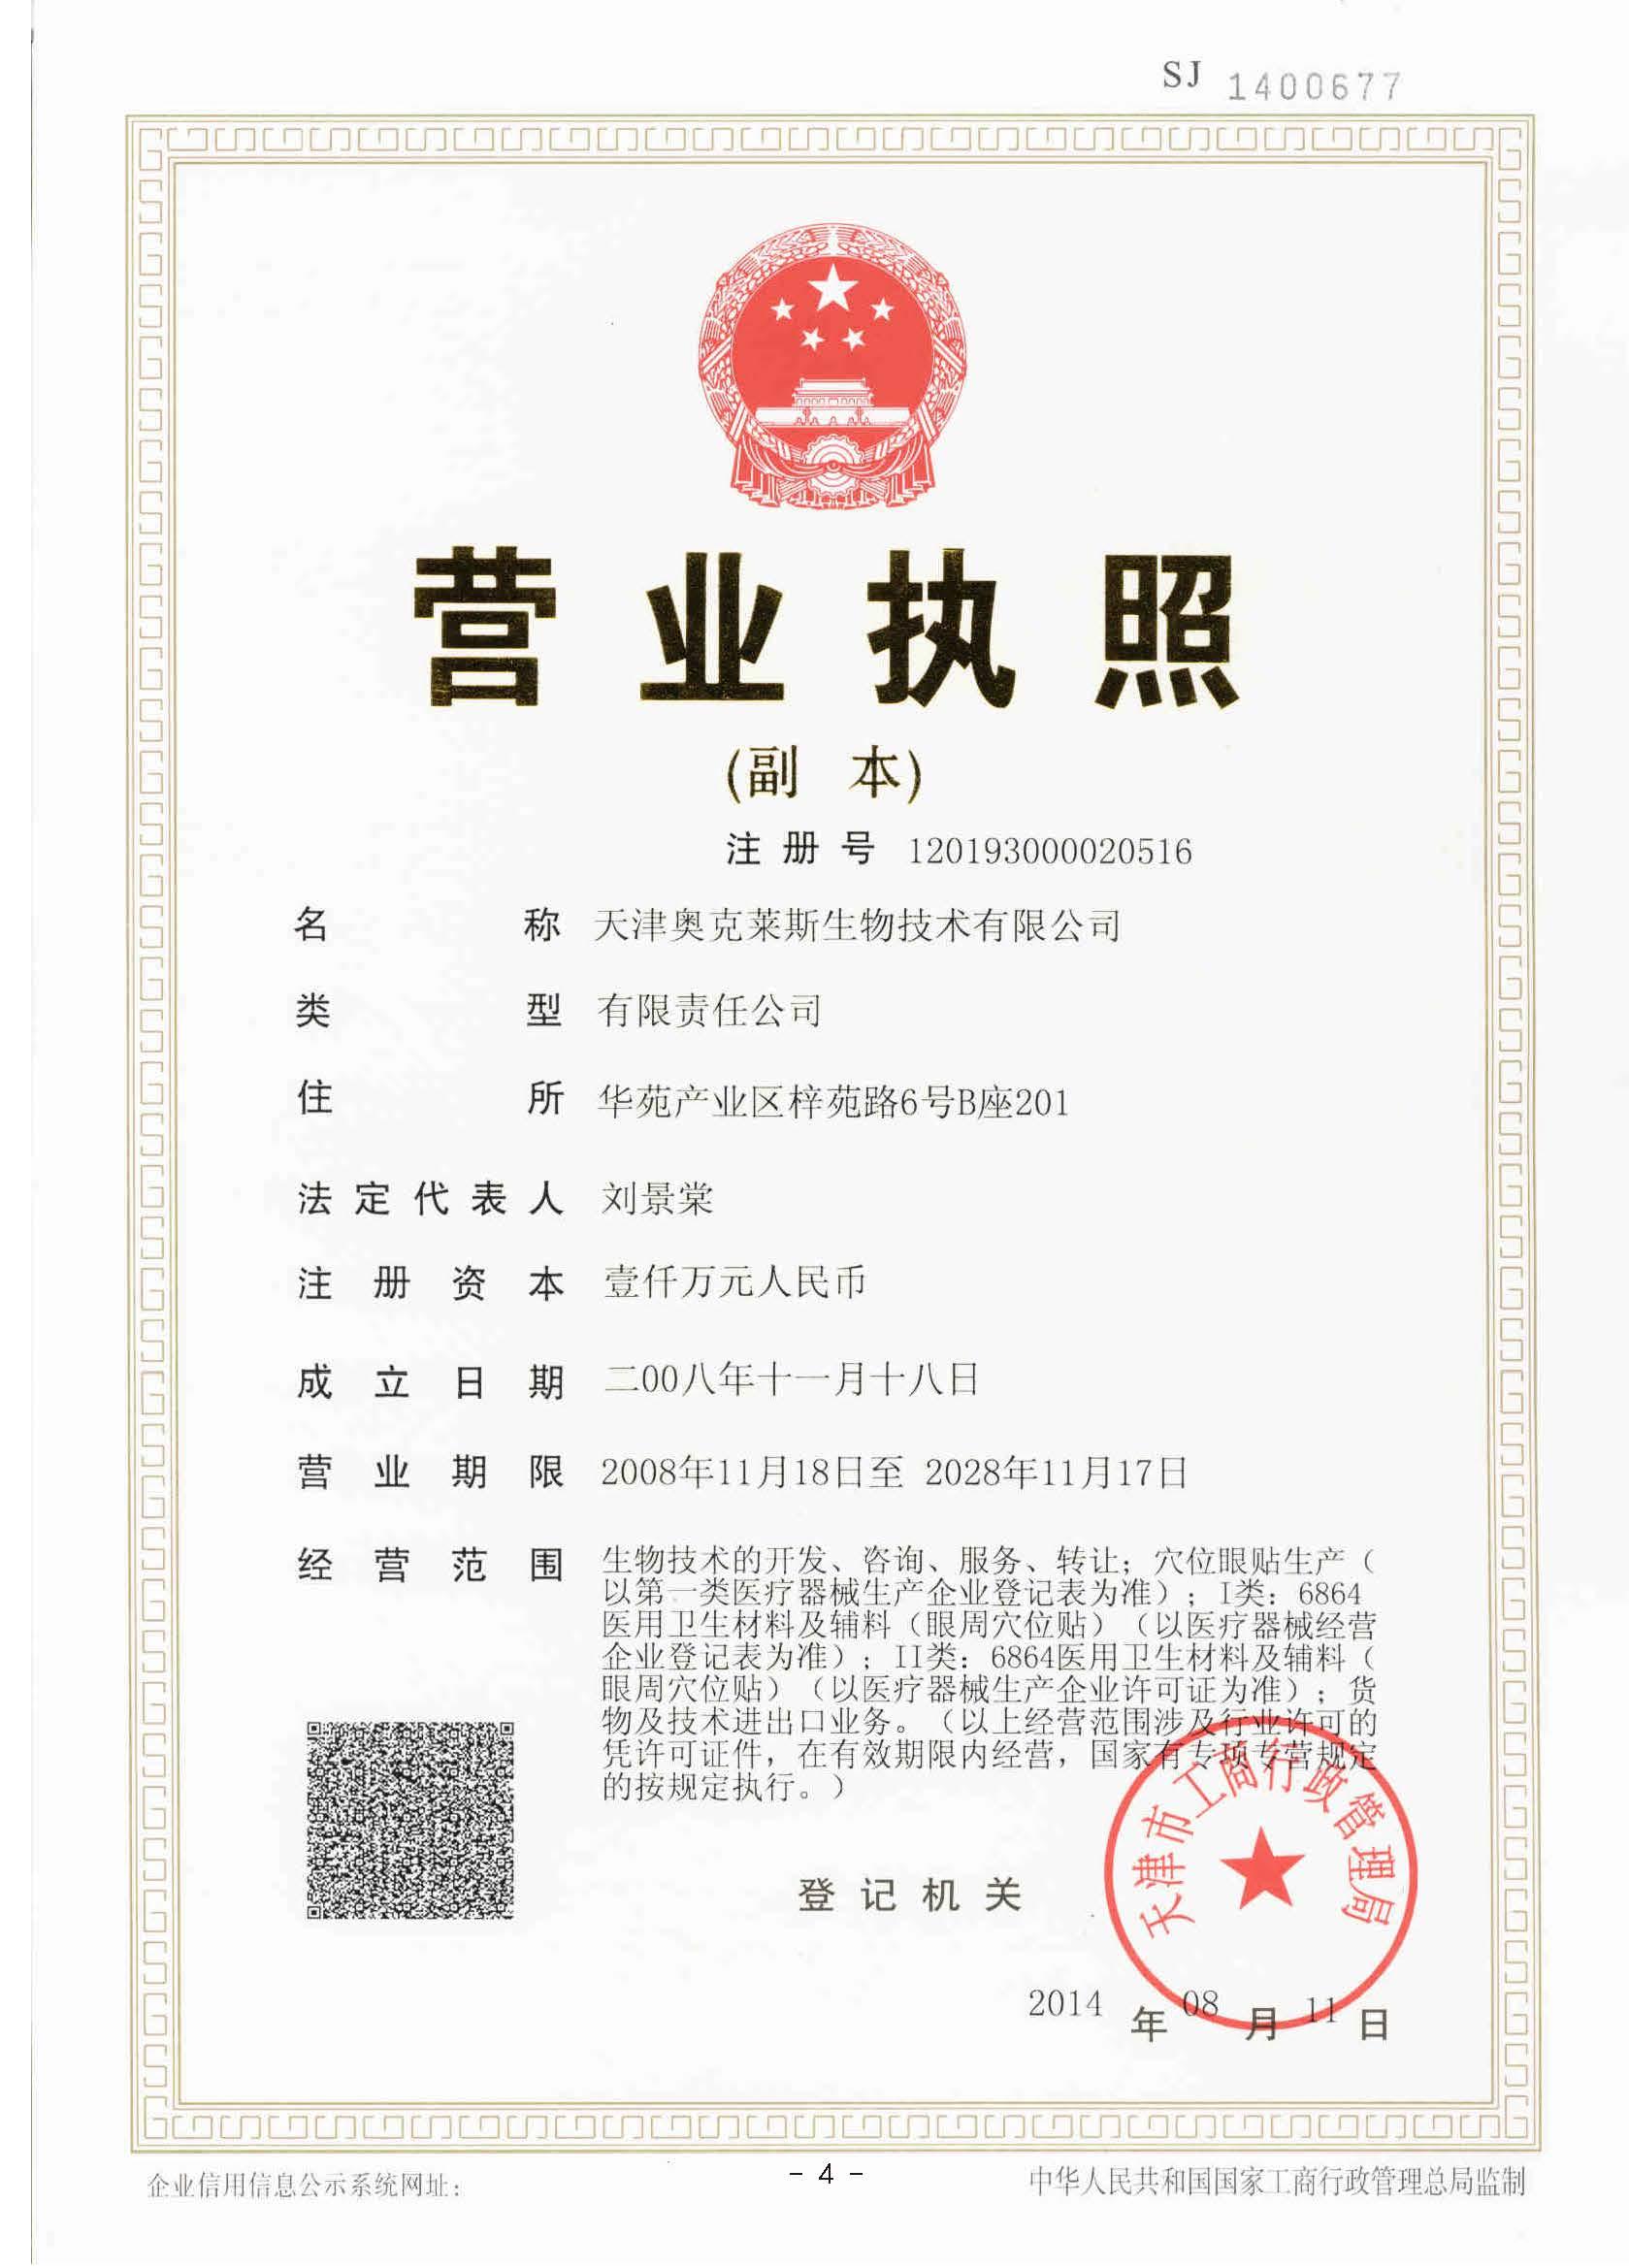 天津奥克莱斯生物技术有限公司营业执照